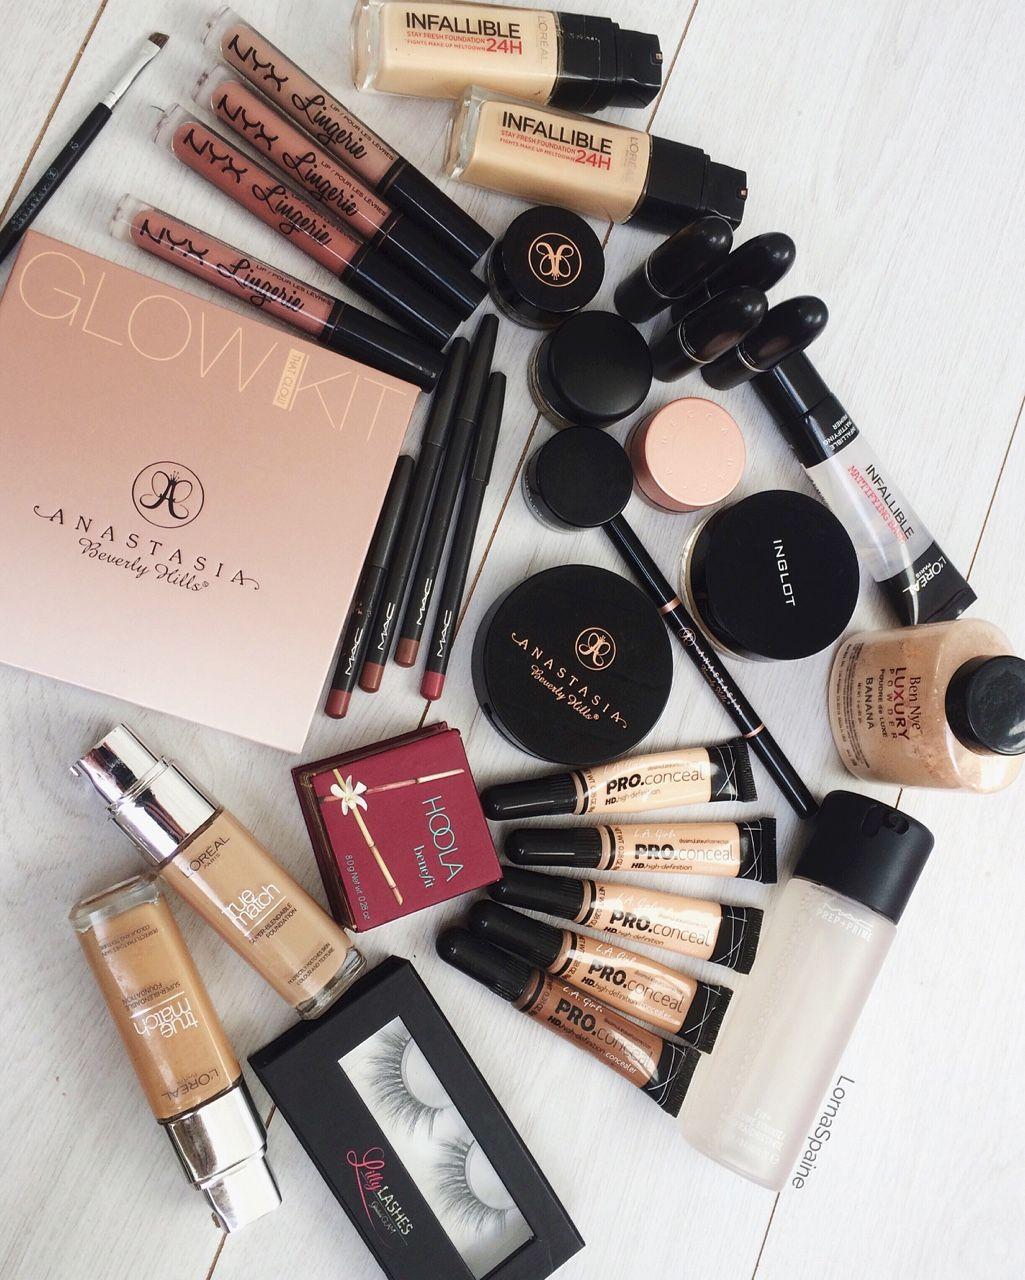 ᴘɪɴᴛᴇʀᴇsᴛ ʜᴏʟʟʏᴇɢʀᴀʏ ↞ Schminkkasten, Beauty makeup